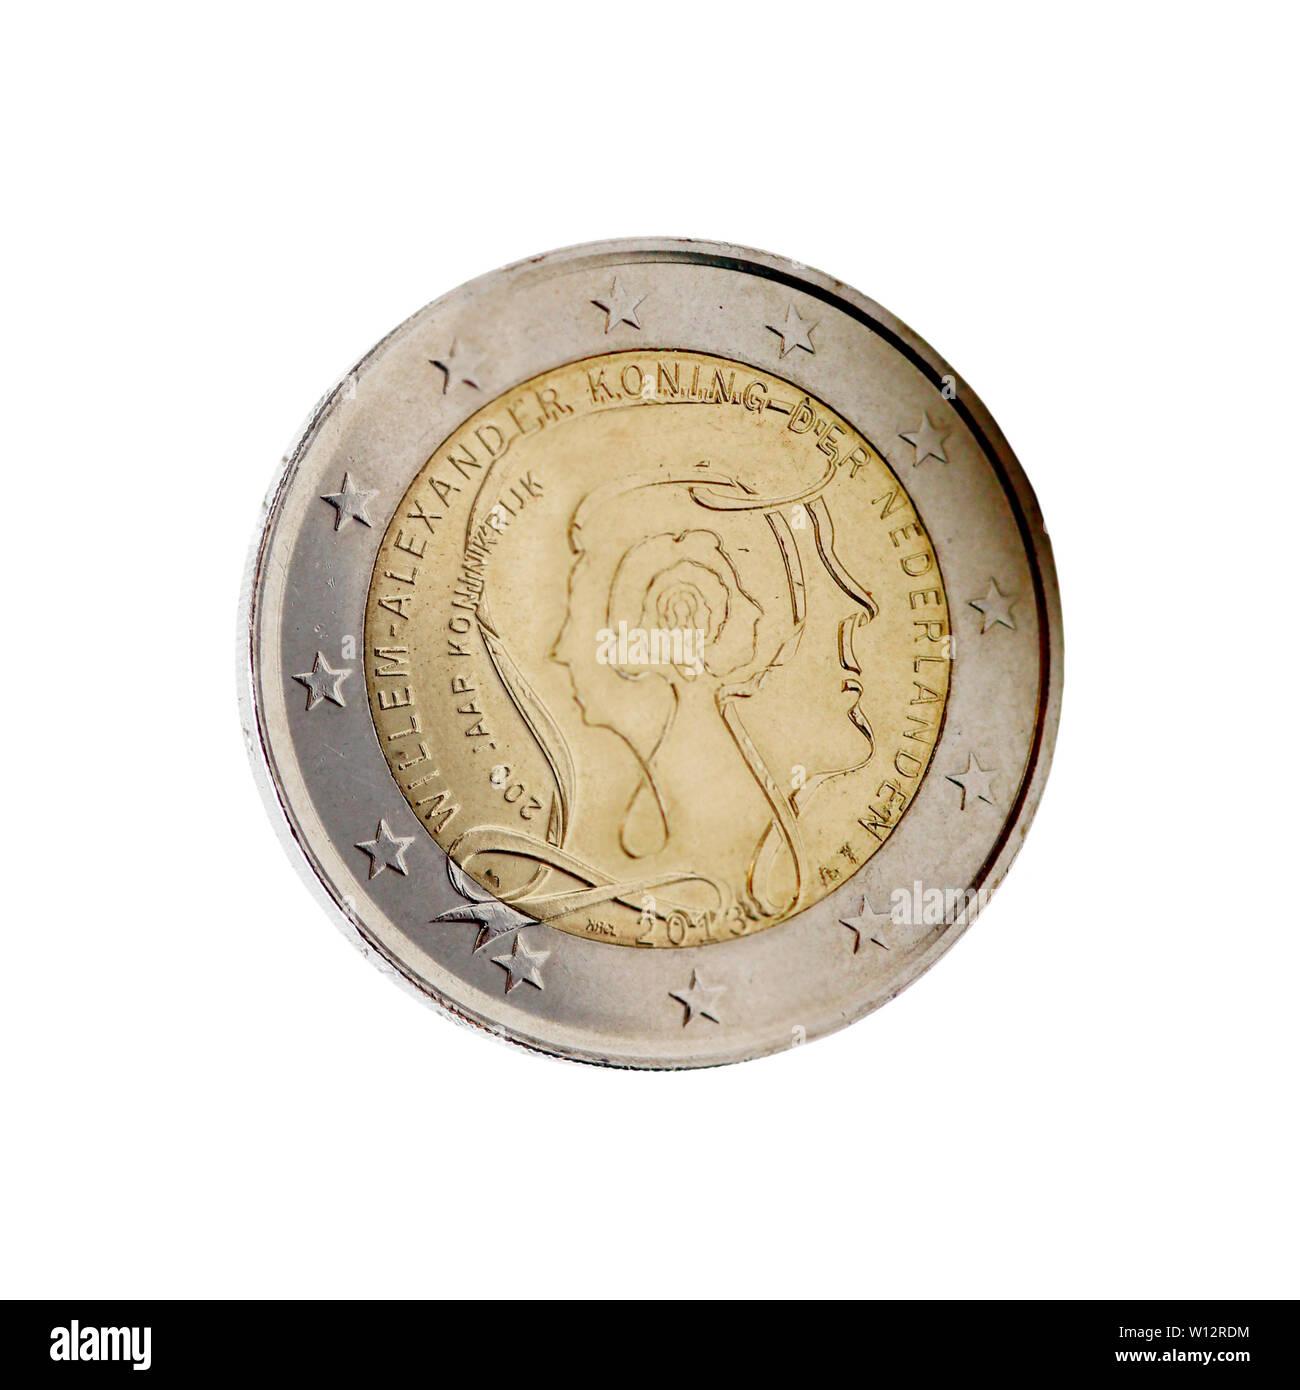 niederländische 2-Euro-Münze mit König Willem-Alexander - Stock Image